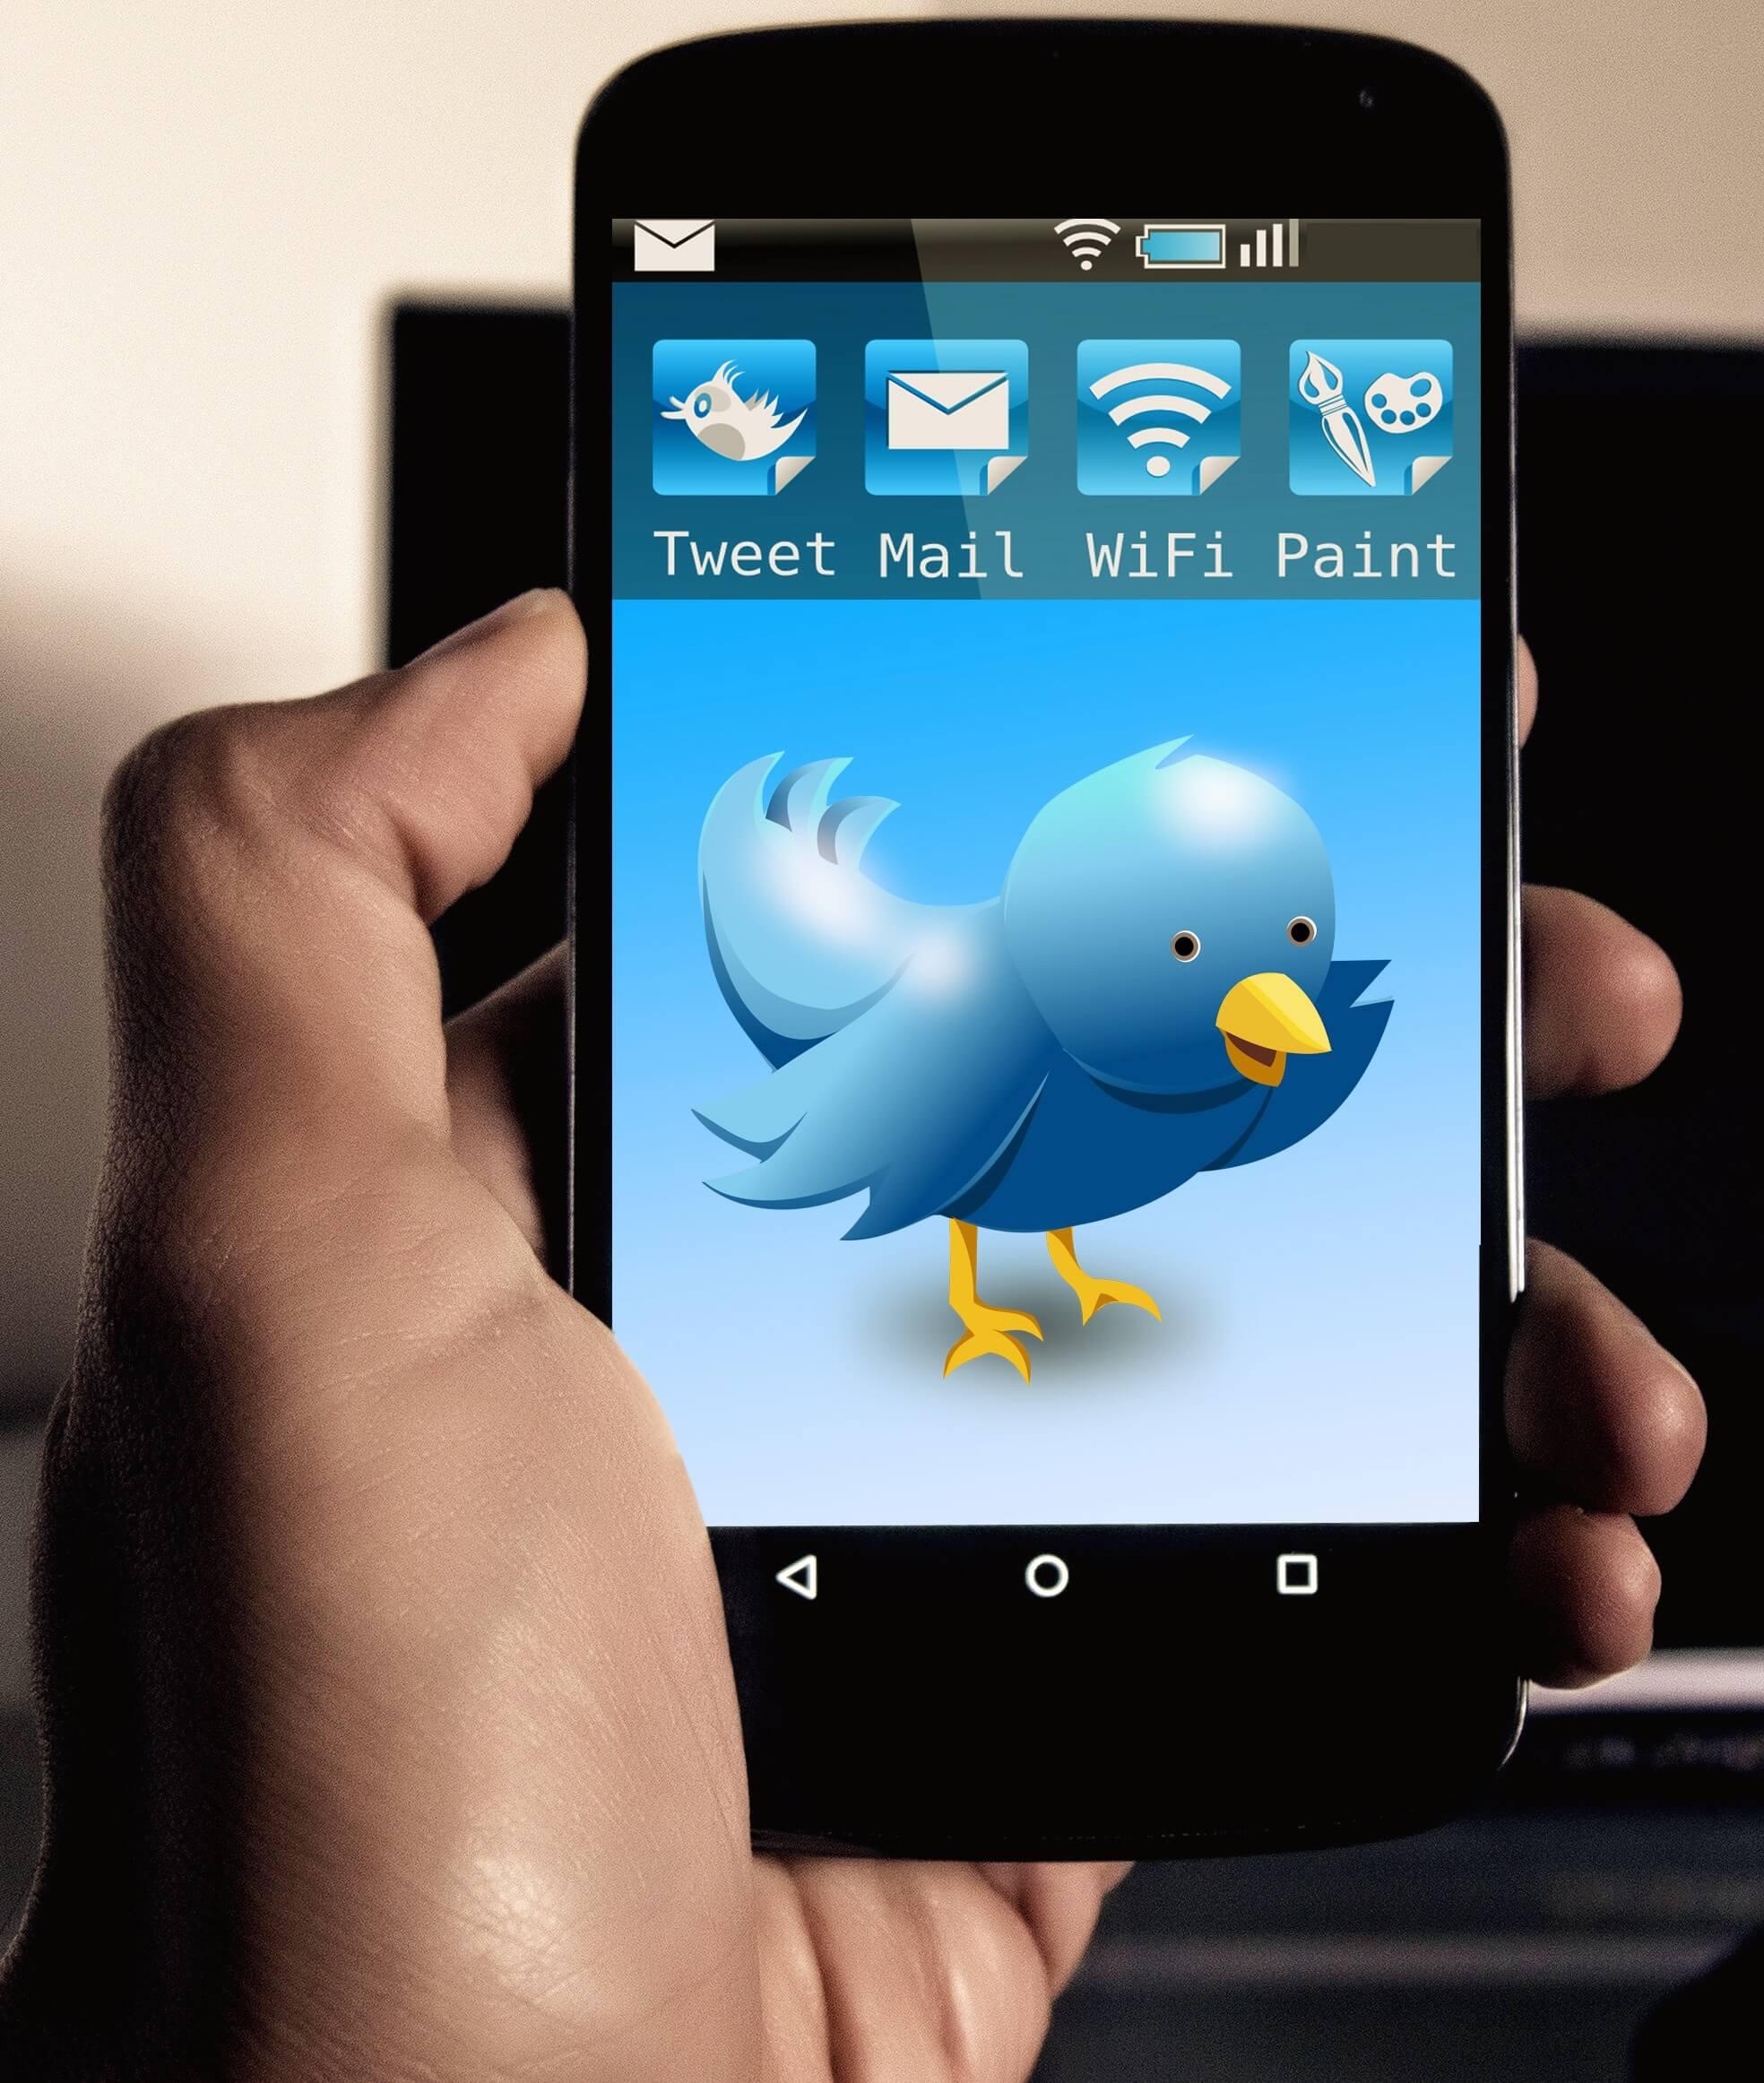 Celular mostrando aplicación Twitter